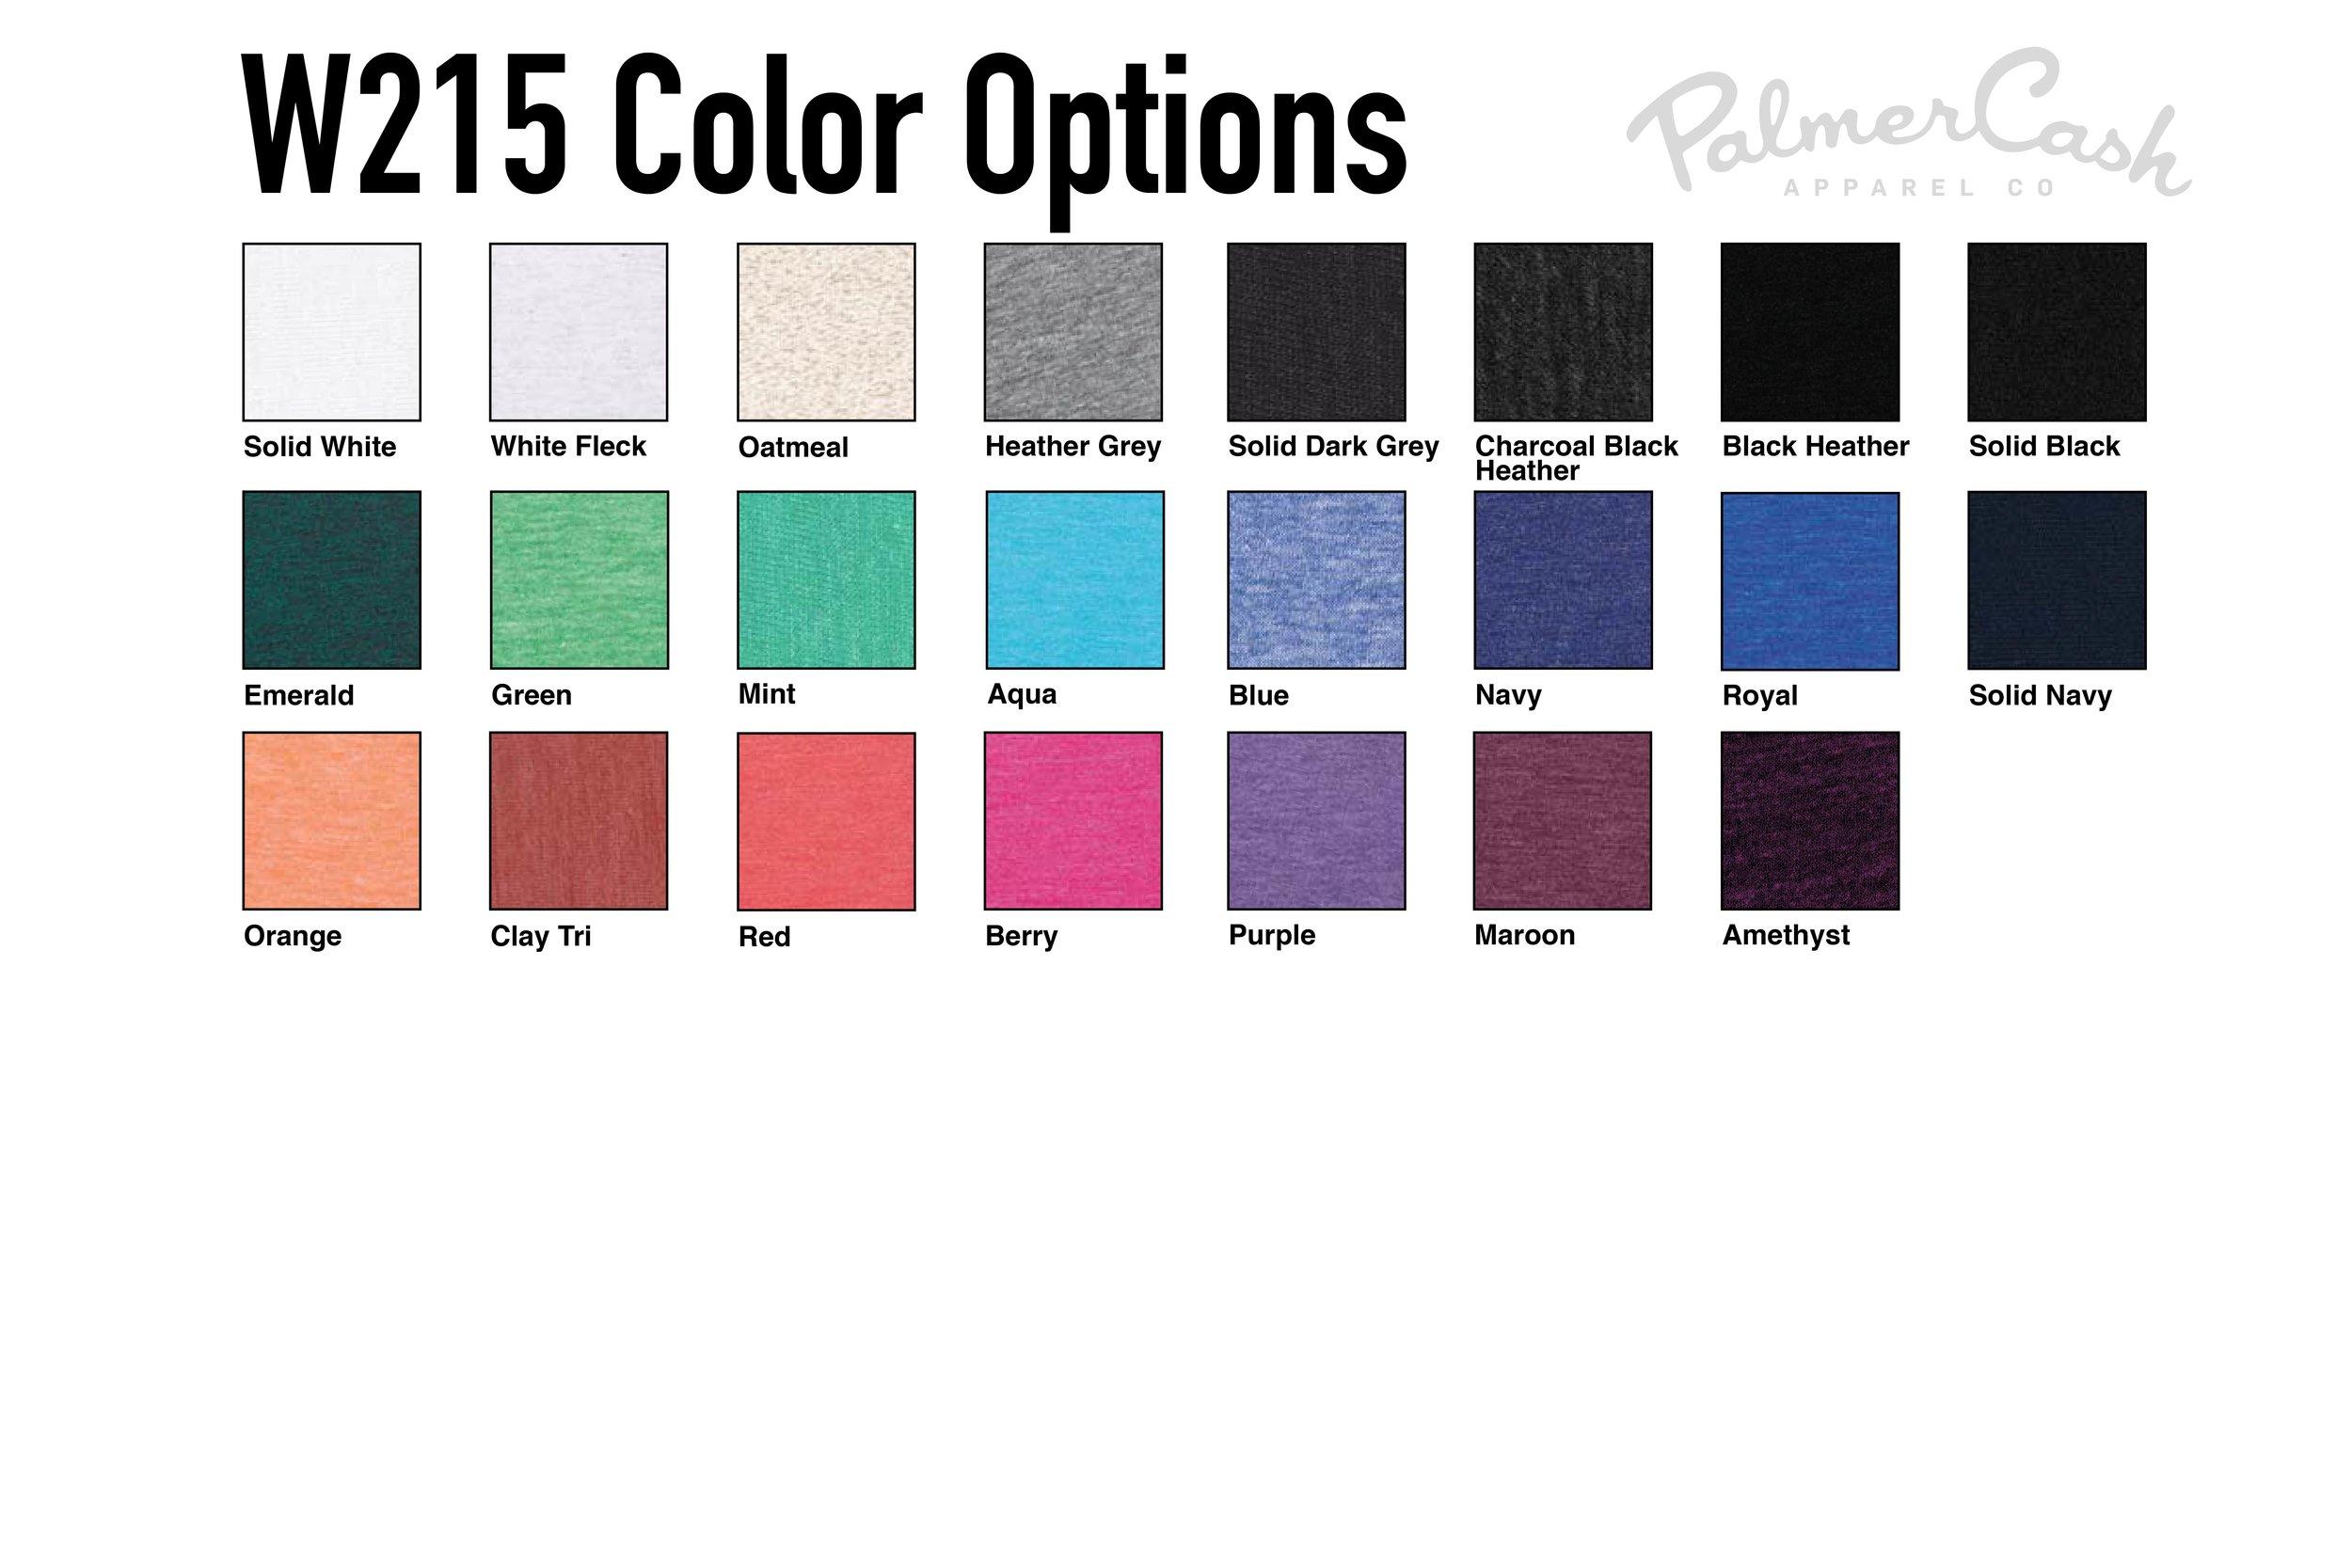 PC_W215_Color_Options_Web-01.jpg